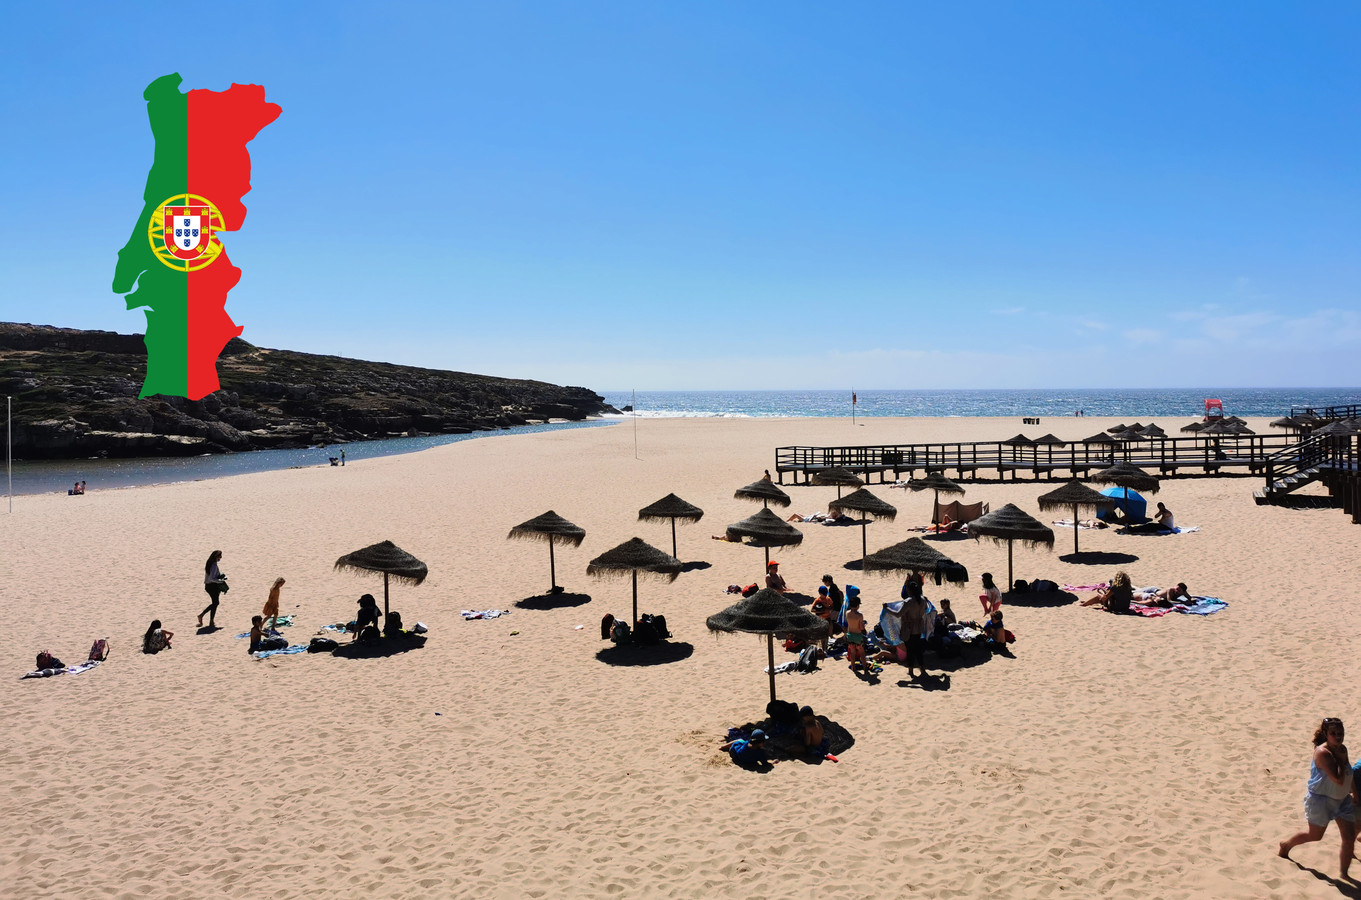 Op de stranden moet drie meter afstand zitten tussen de parasols.